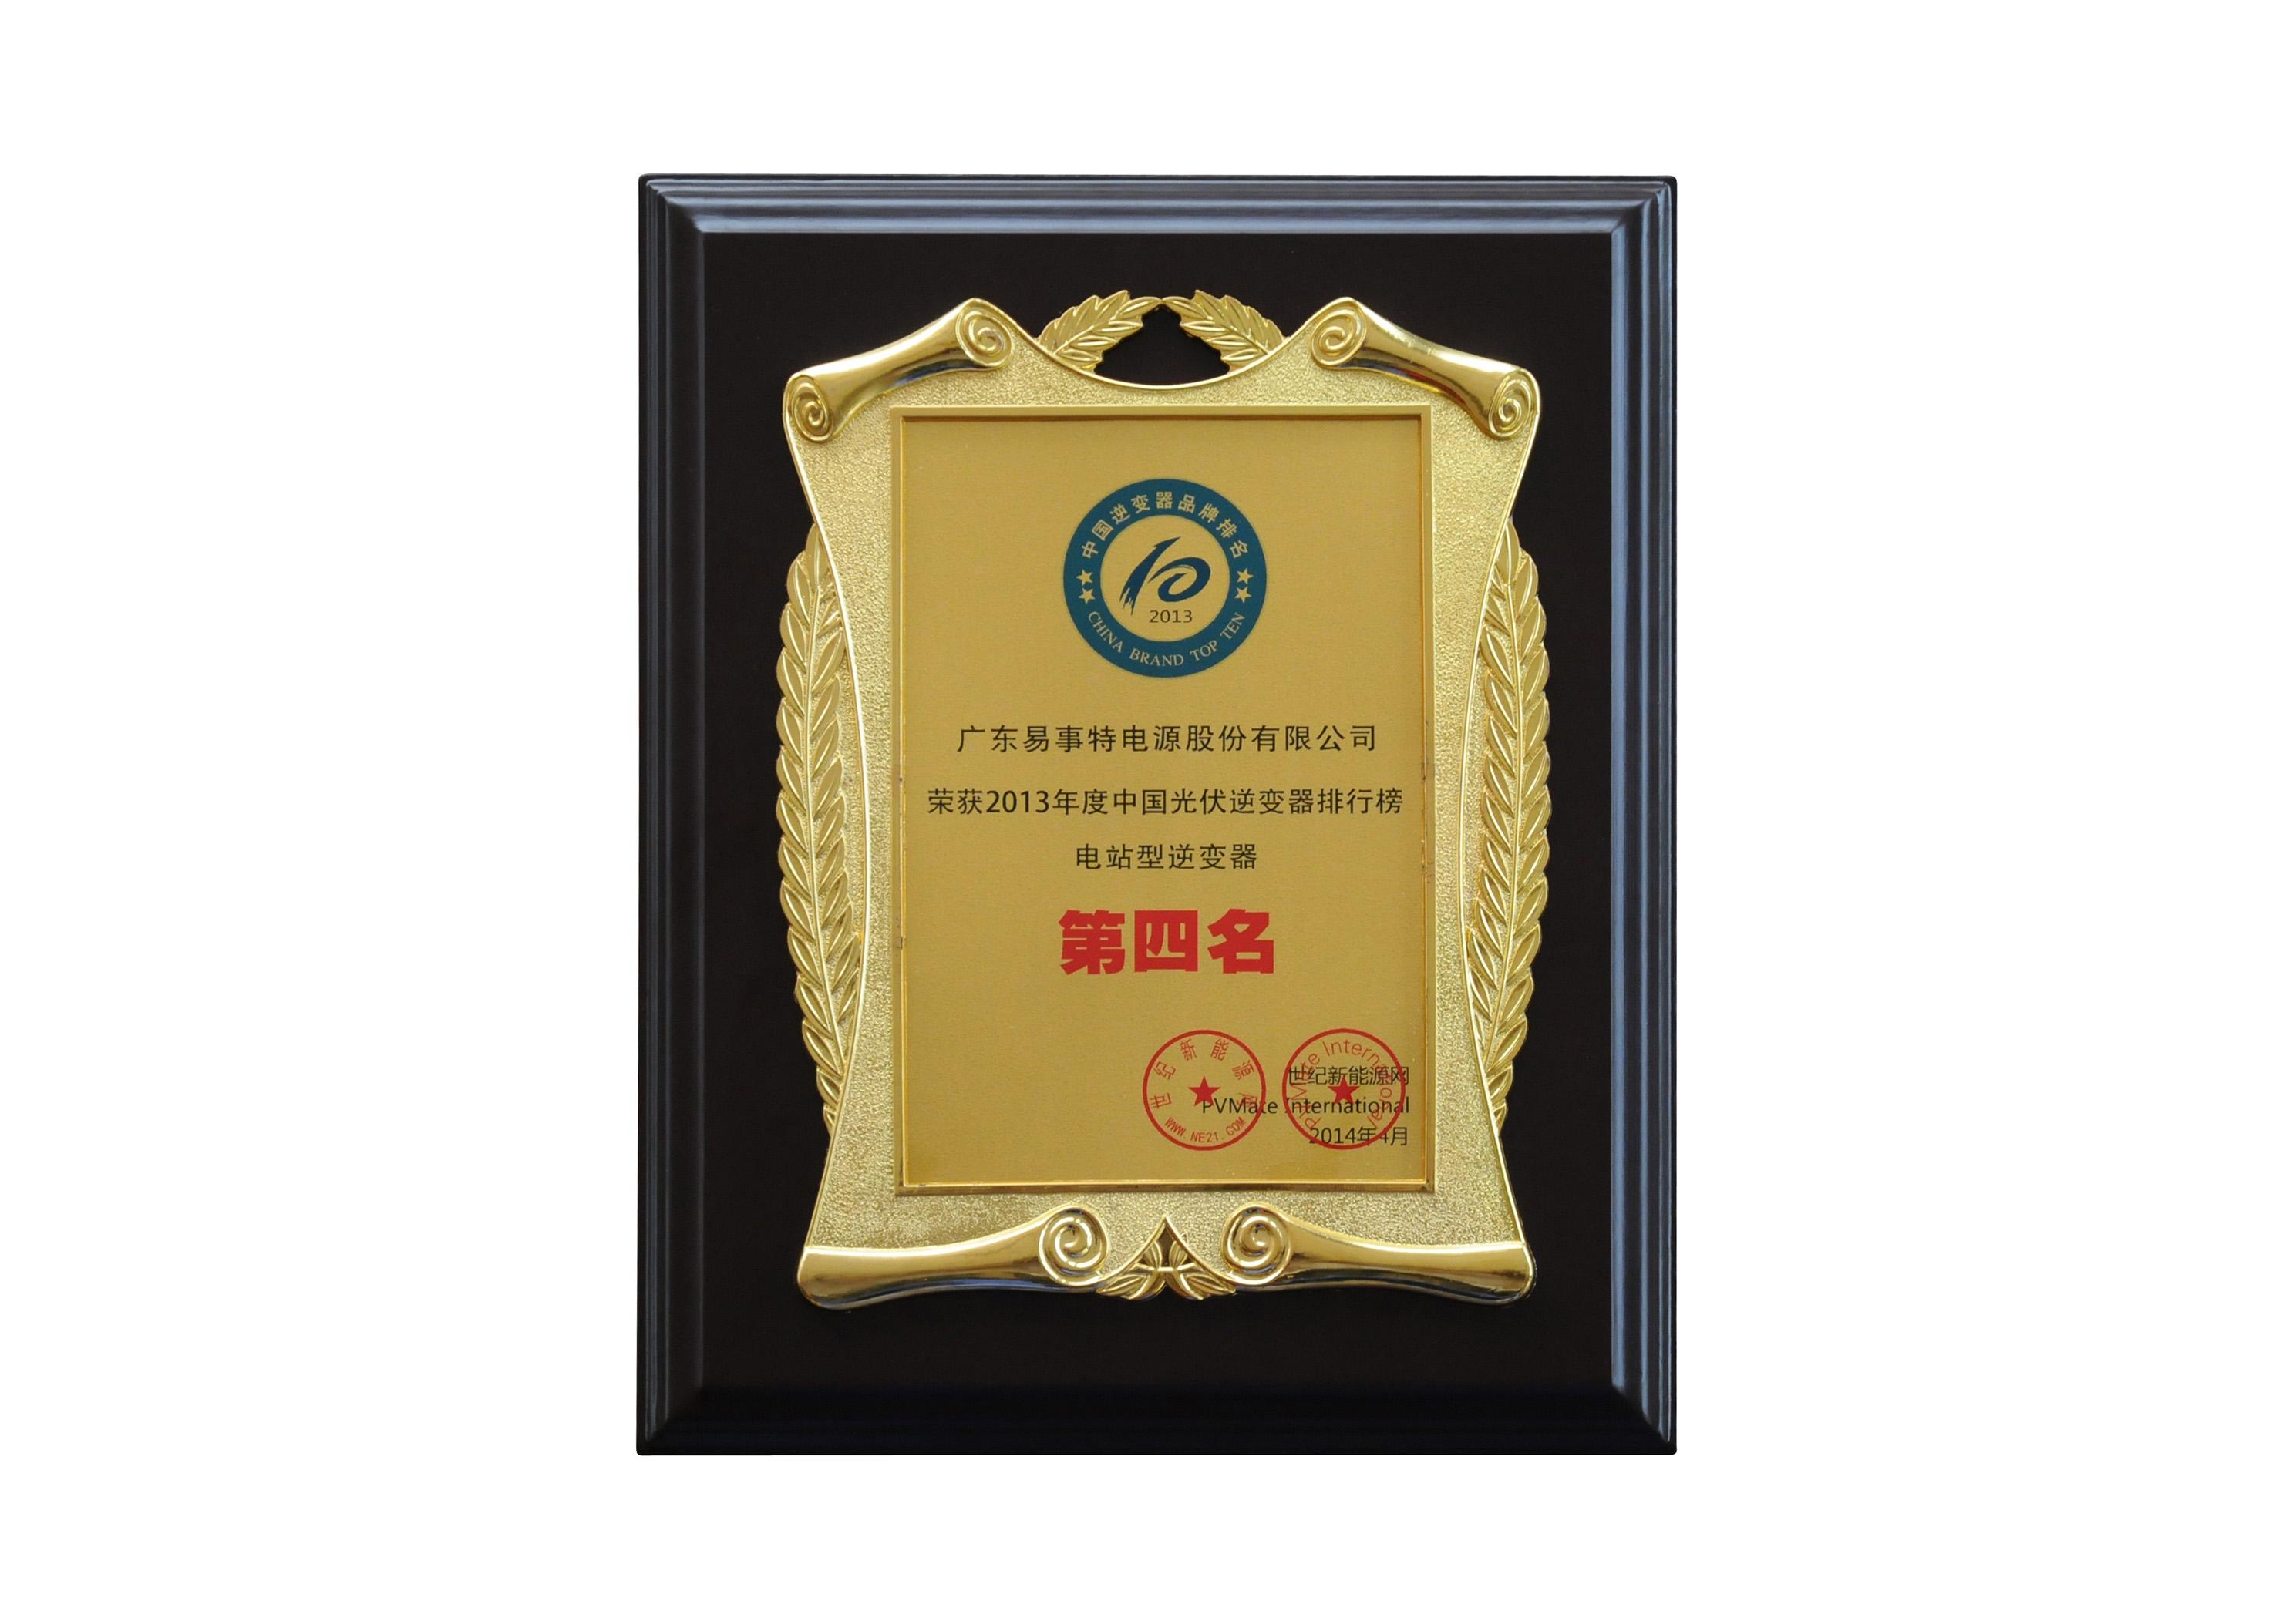 2013年度中国易胜博逆变器排行榜电站型逆变器第四名奖牌